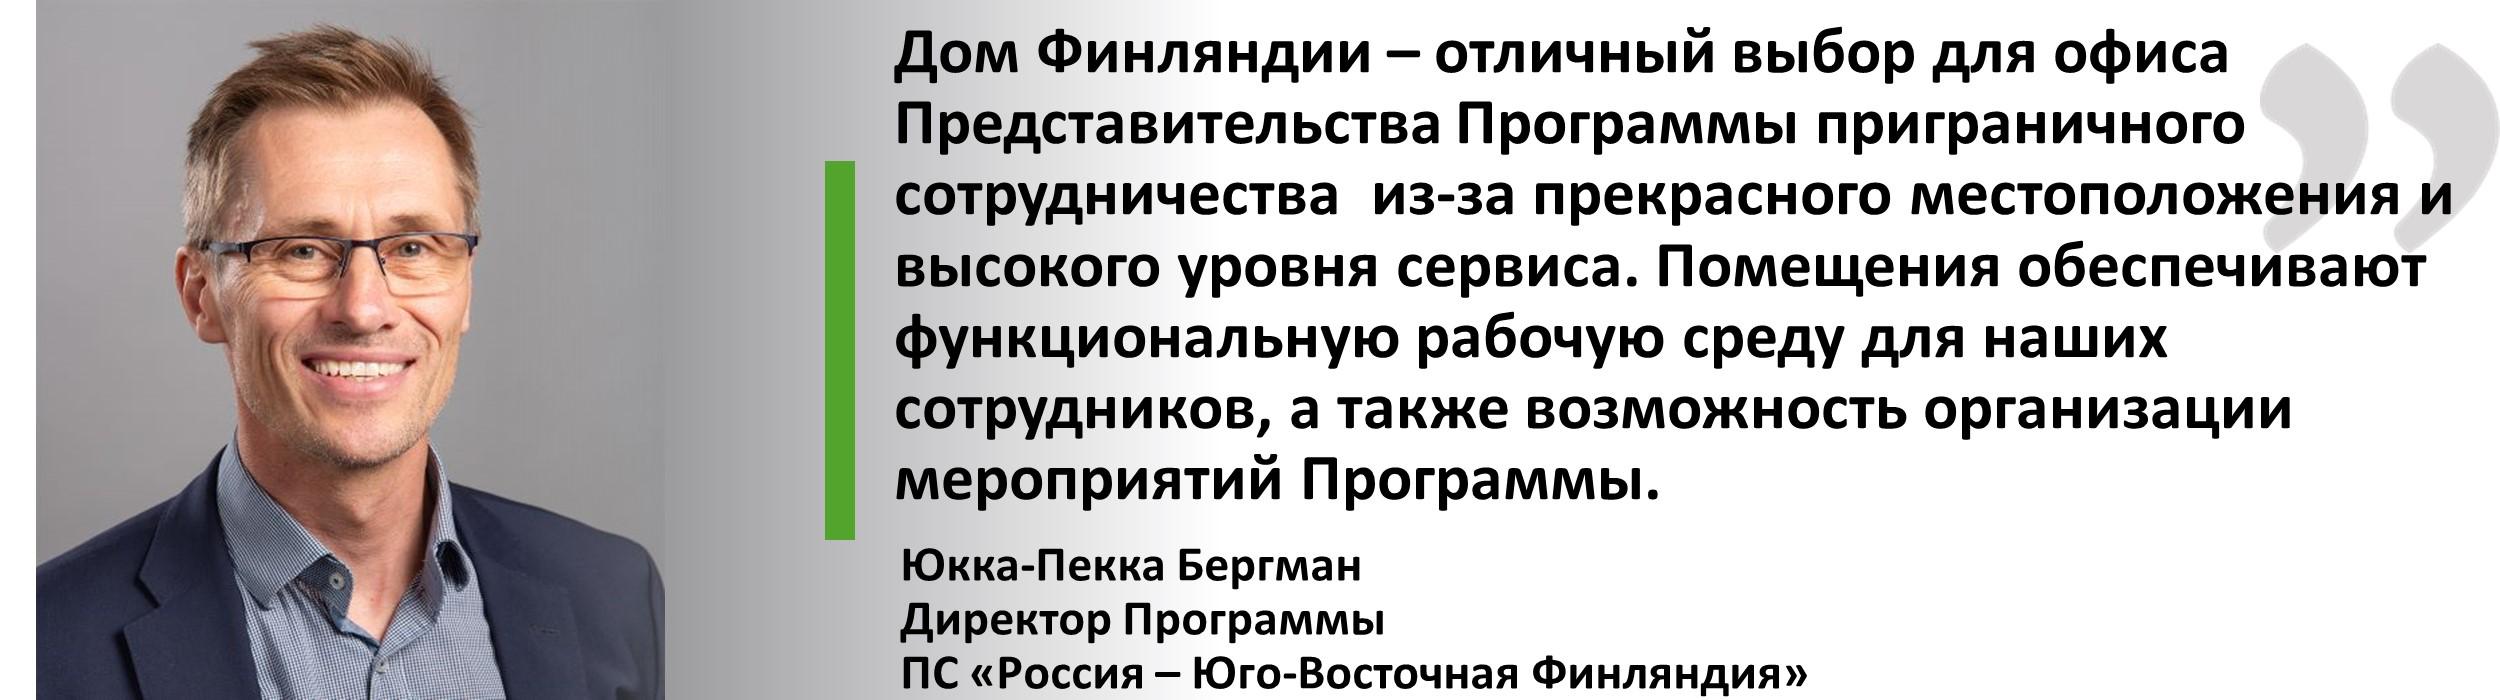 Юкка-Пекка Бергман, Программa ПС «Россия – Юго-Восточная Финляндия»